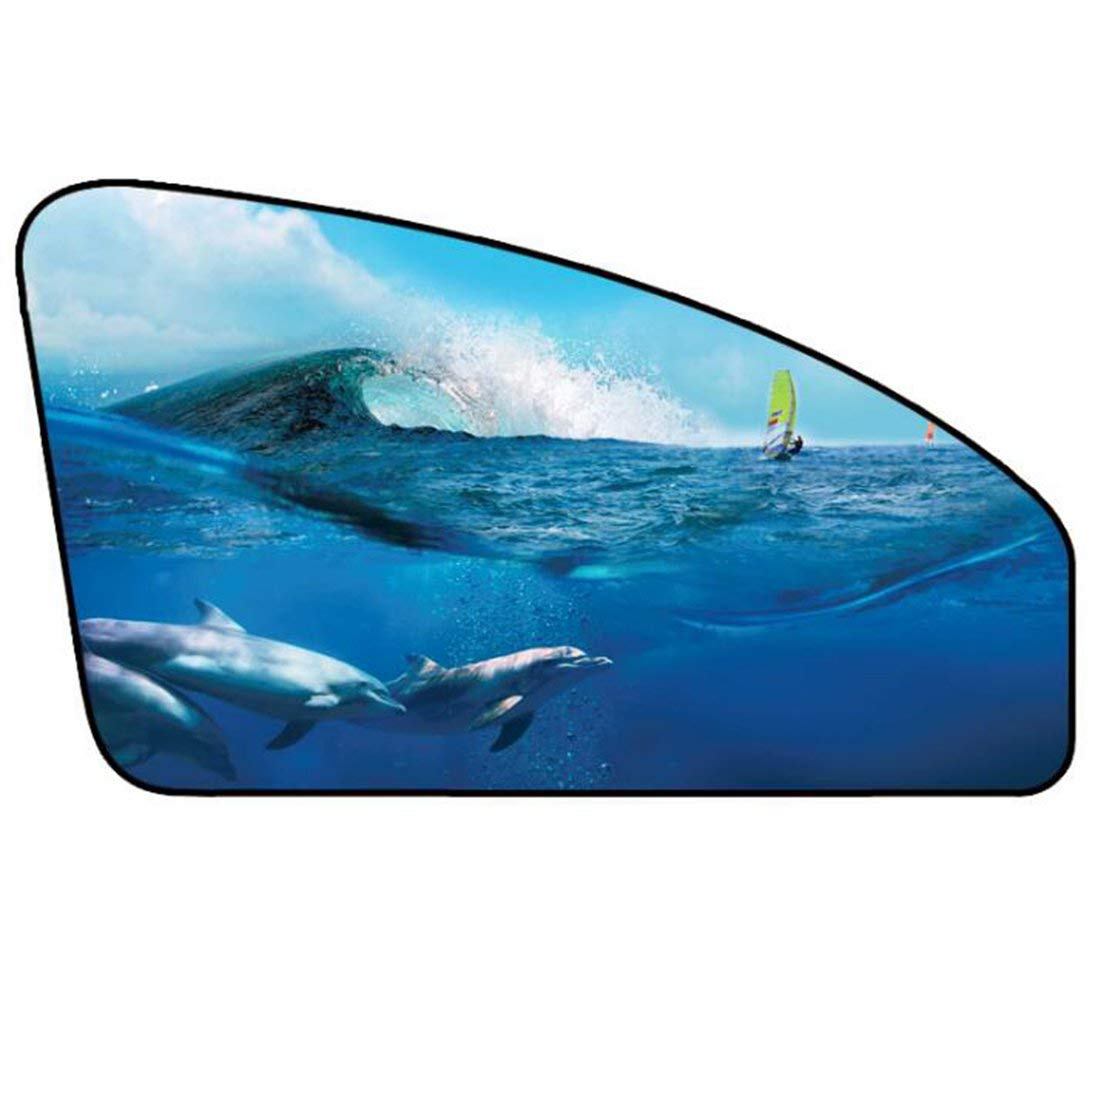 1 Juego universal para coche Parasol del parabrisas del visera cortina cubierta de dibujos animados magn/ético ventana lateral Parasol Prueba cubierta UV Protect